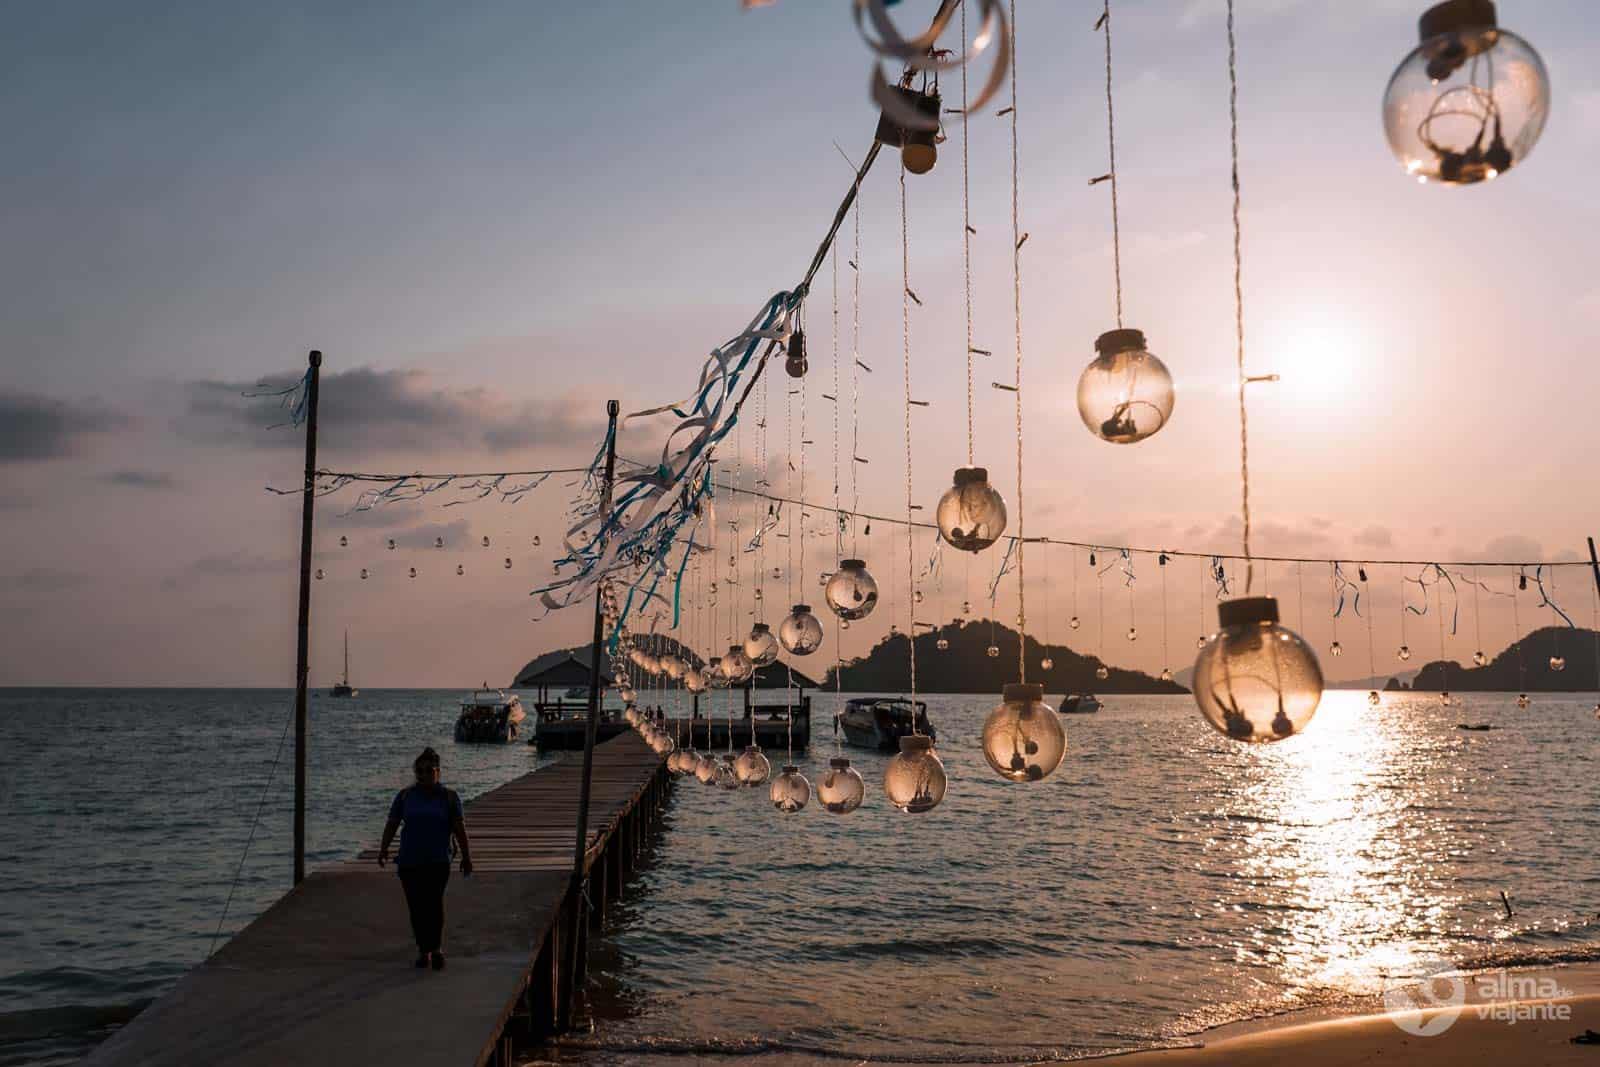 @almadeviajante_oficial's cover photo for 'Koh Mak, equilíbrio perfeito no Golfo da Tailândia | Alma de Viajante'